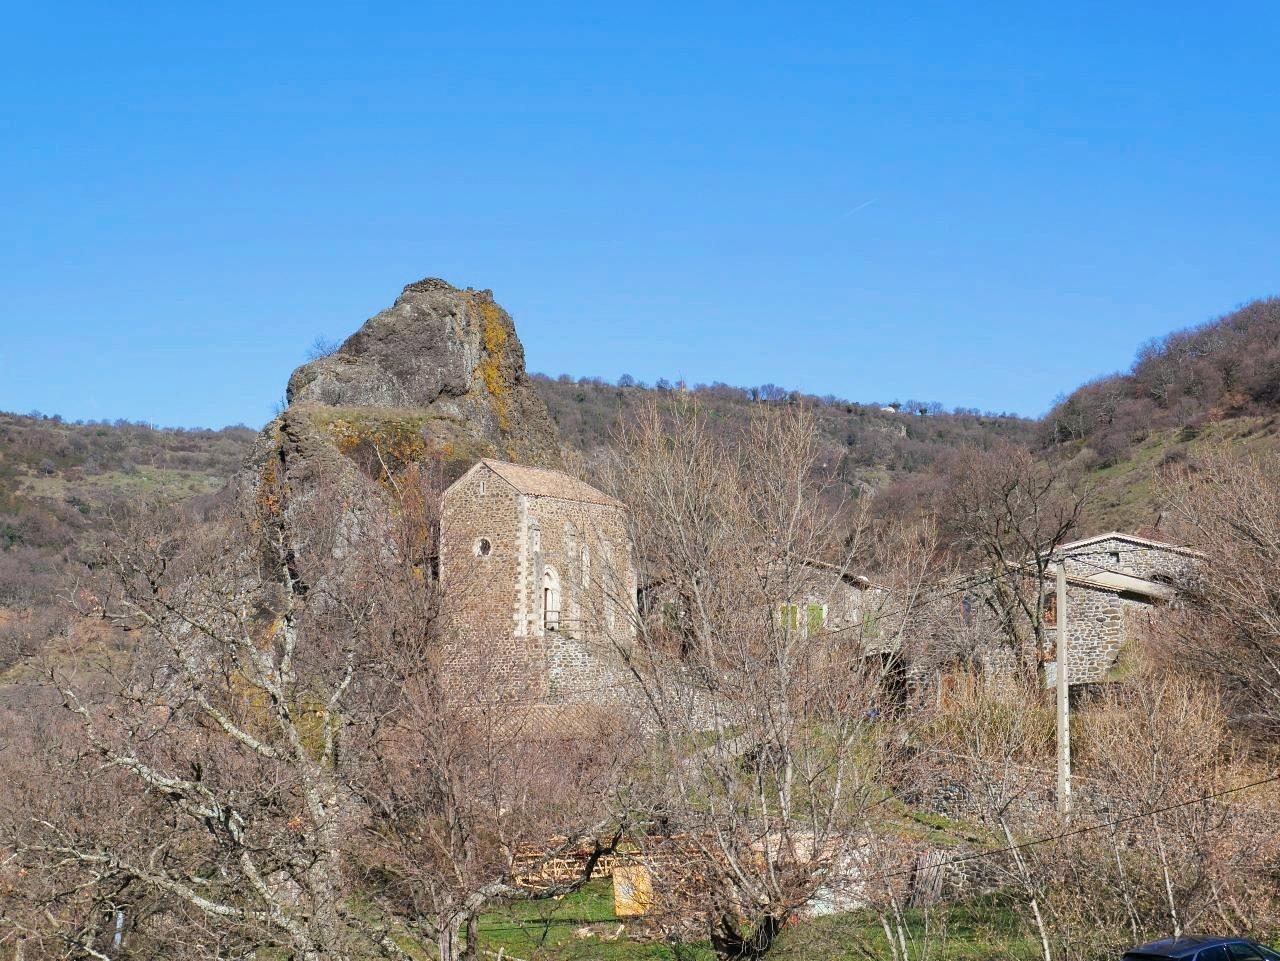 Balade en famille Ardèche. La Roche Chérie à Saint Pons